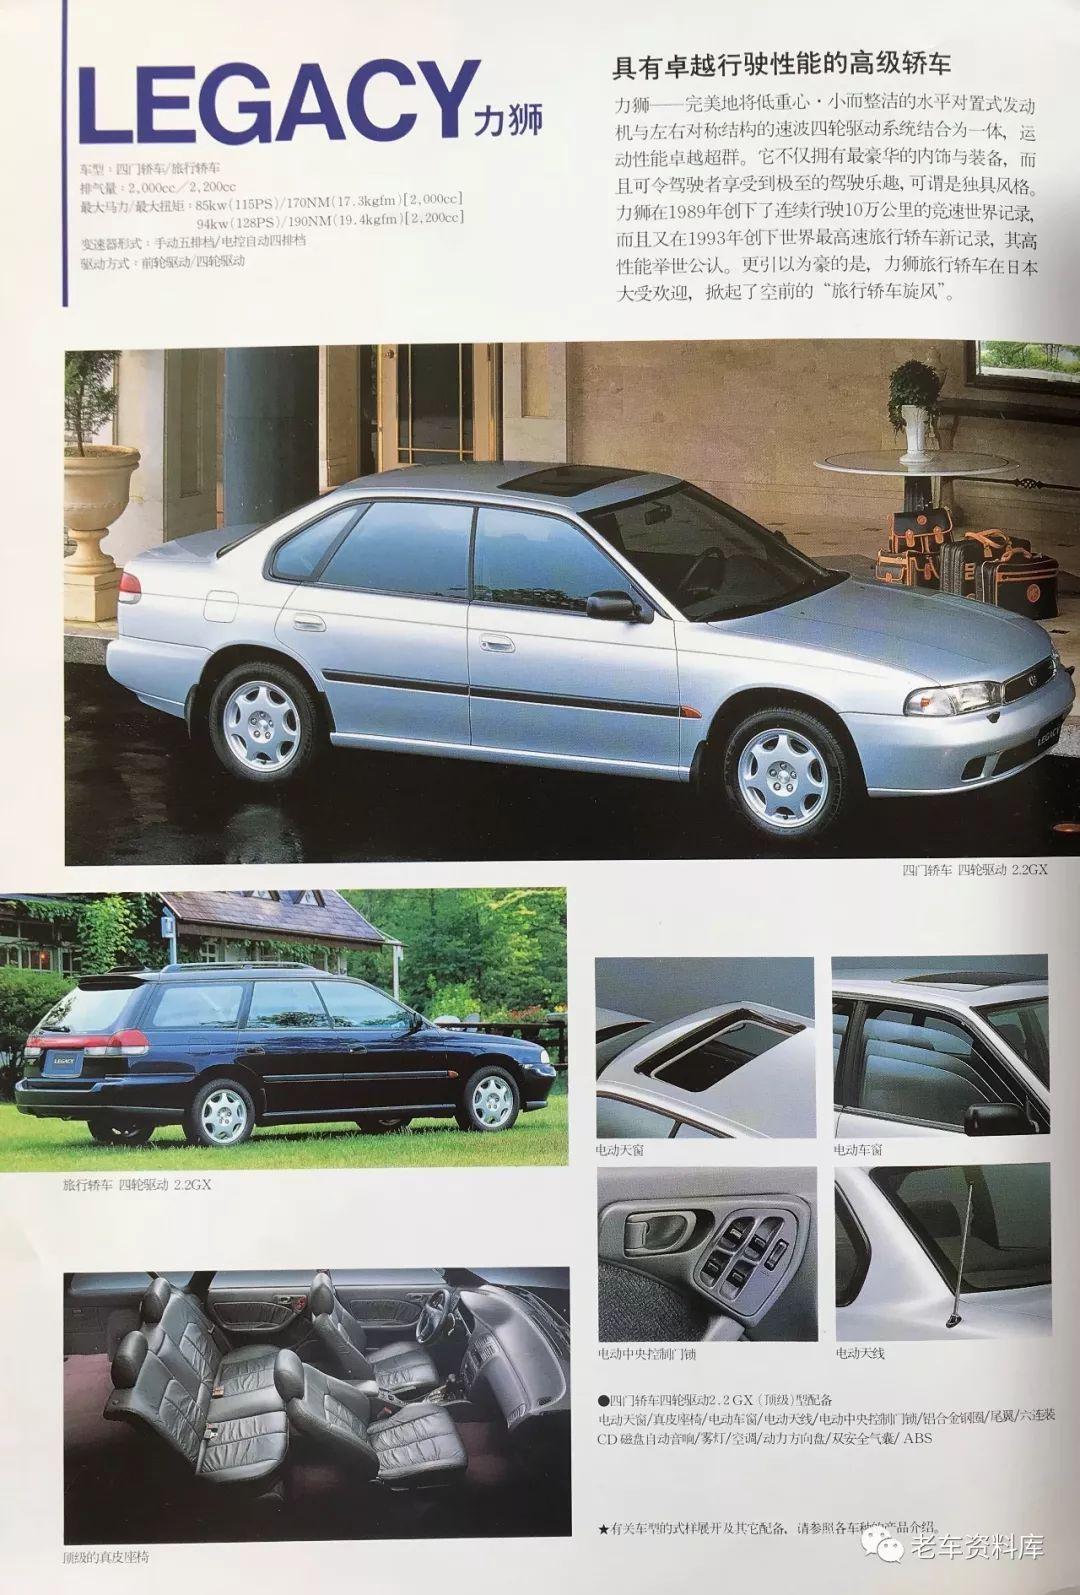 """1996年时 Subaru品牌的中文名并不是""""斯巴鲁"""""""